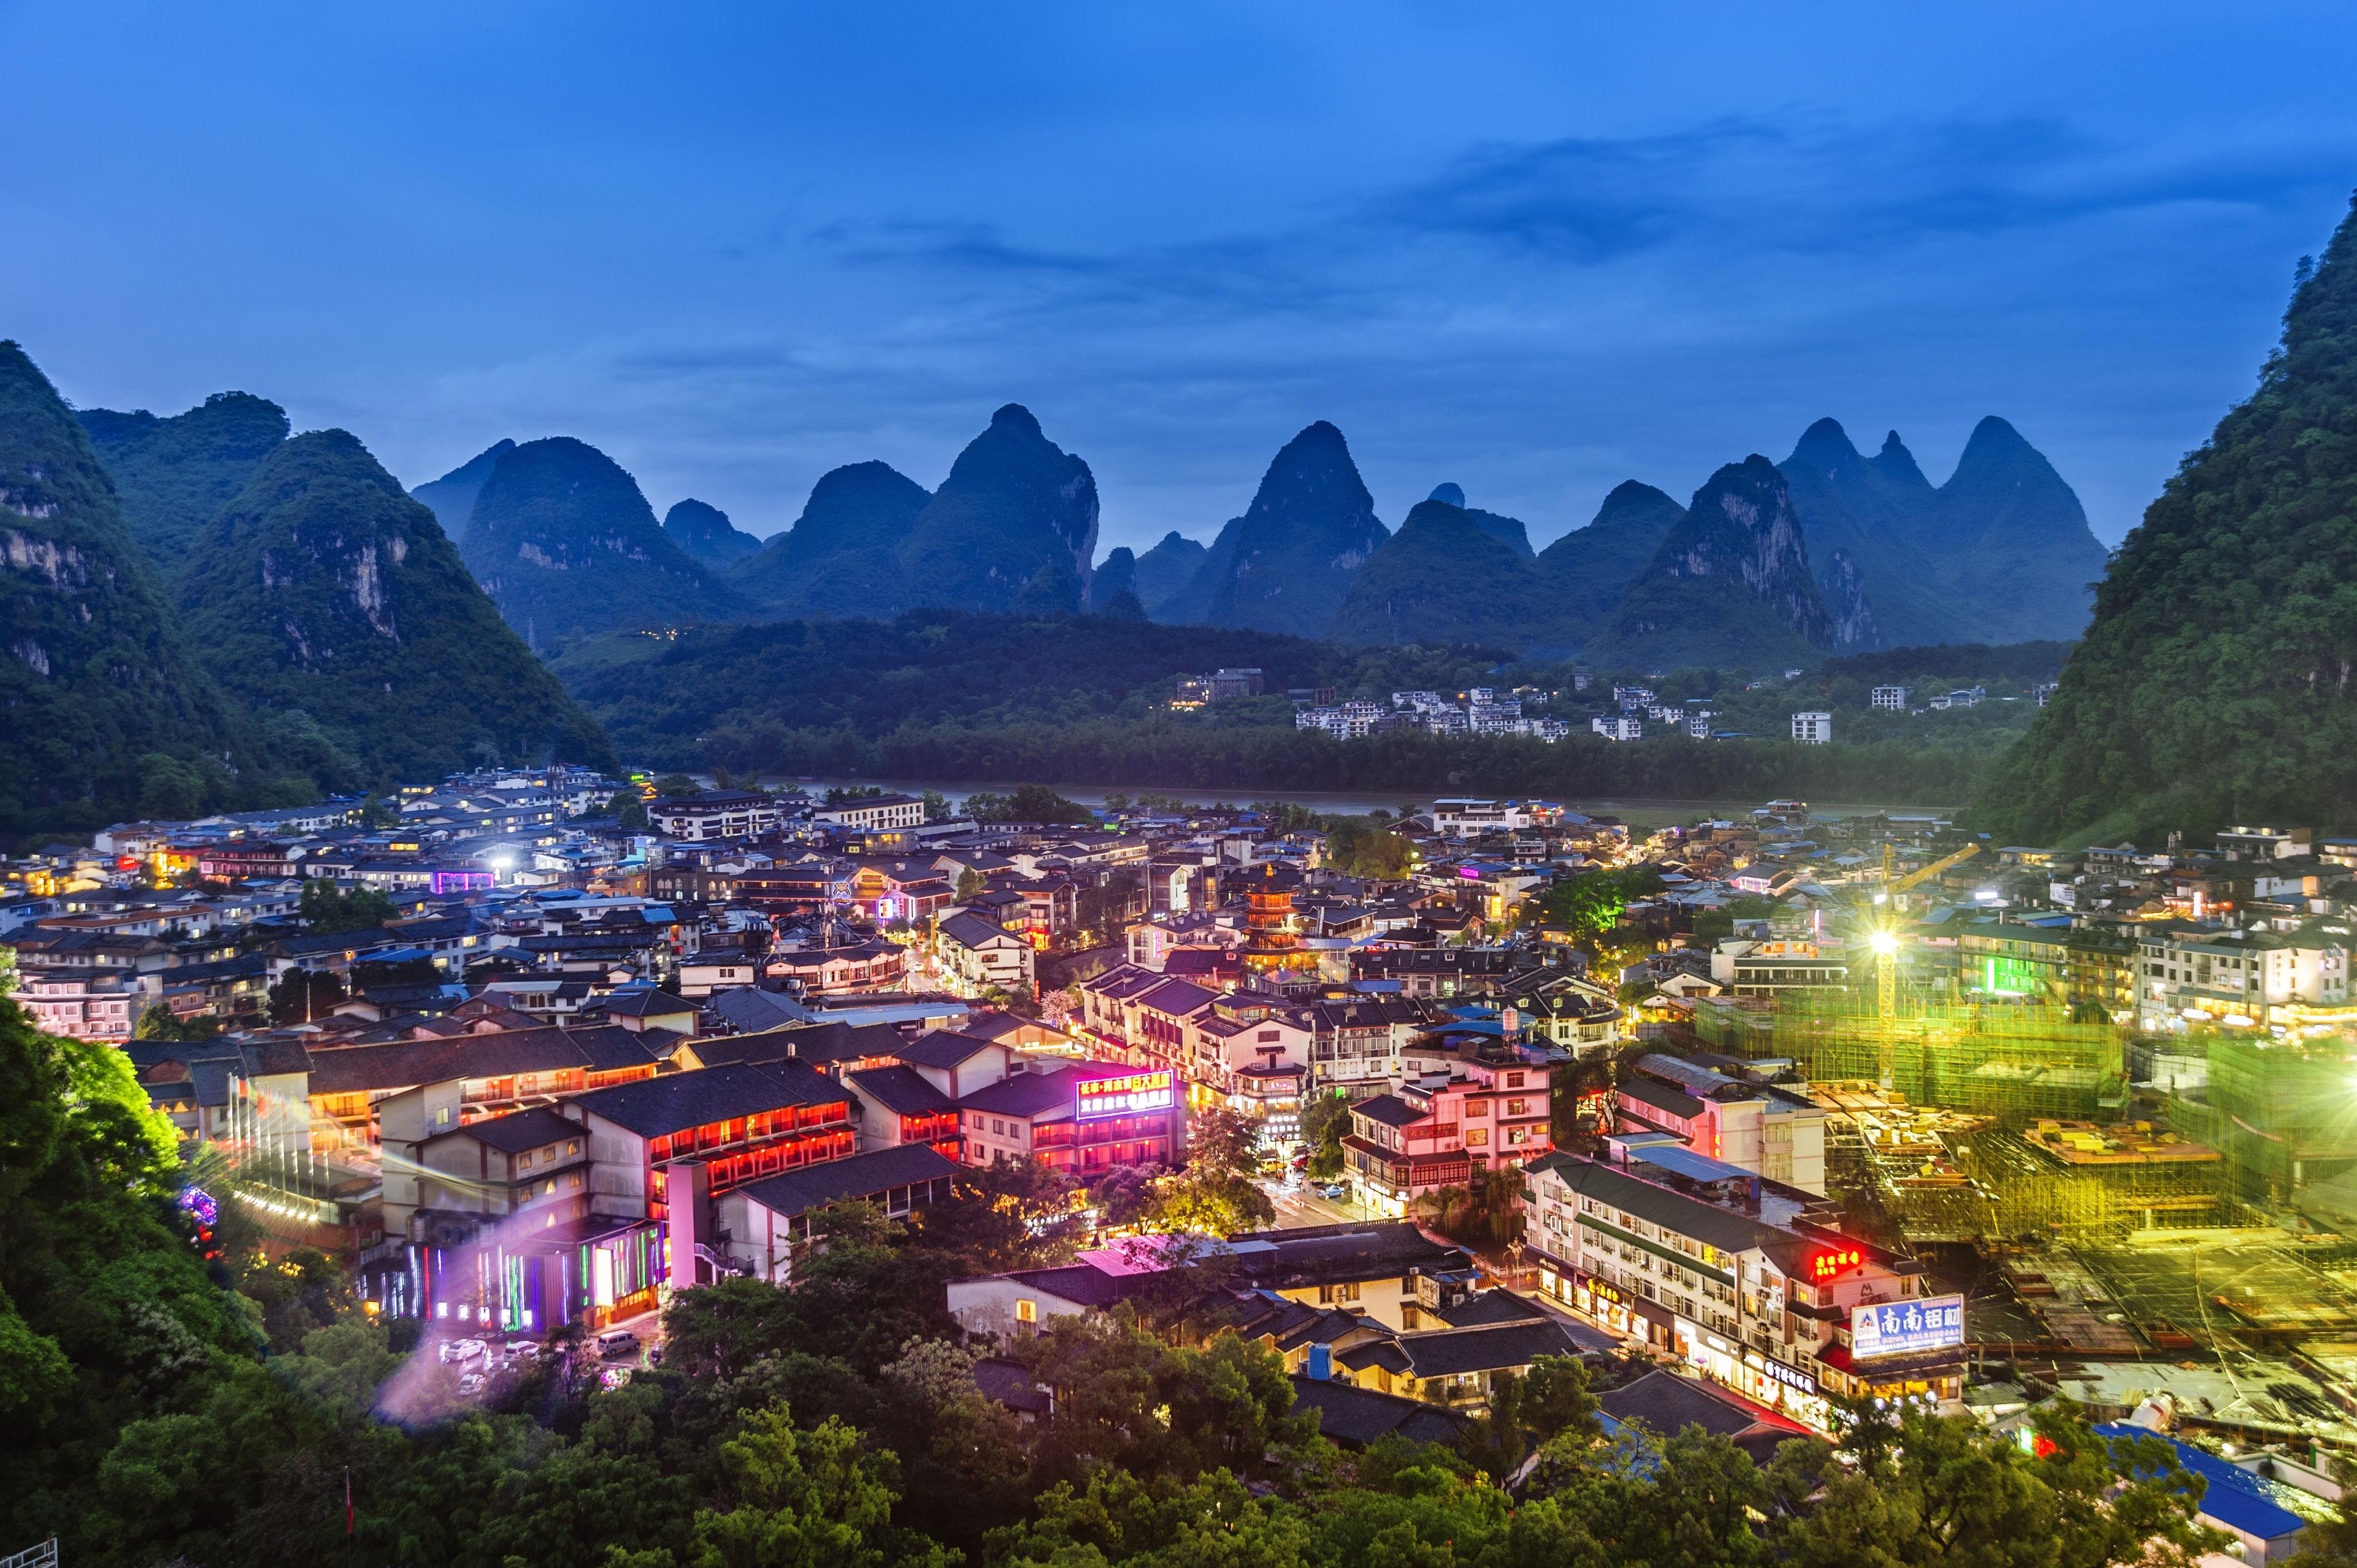 深度解读:杭州、西安等八大强二线城市人口竞争格局